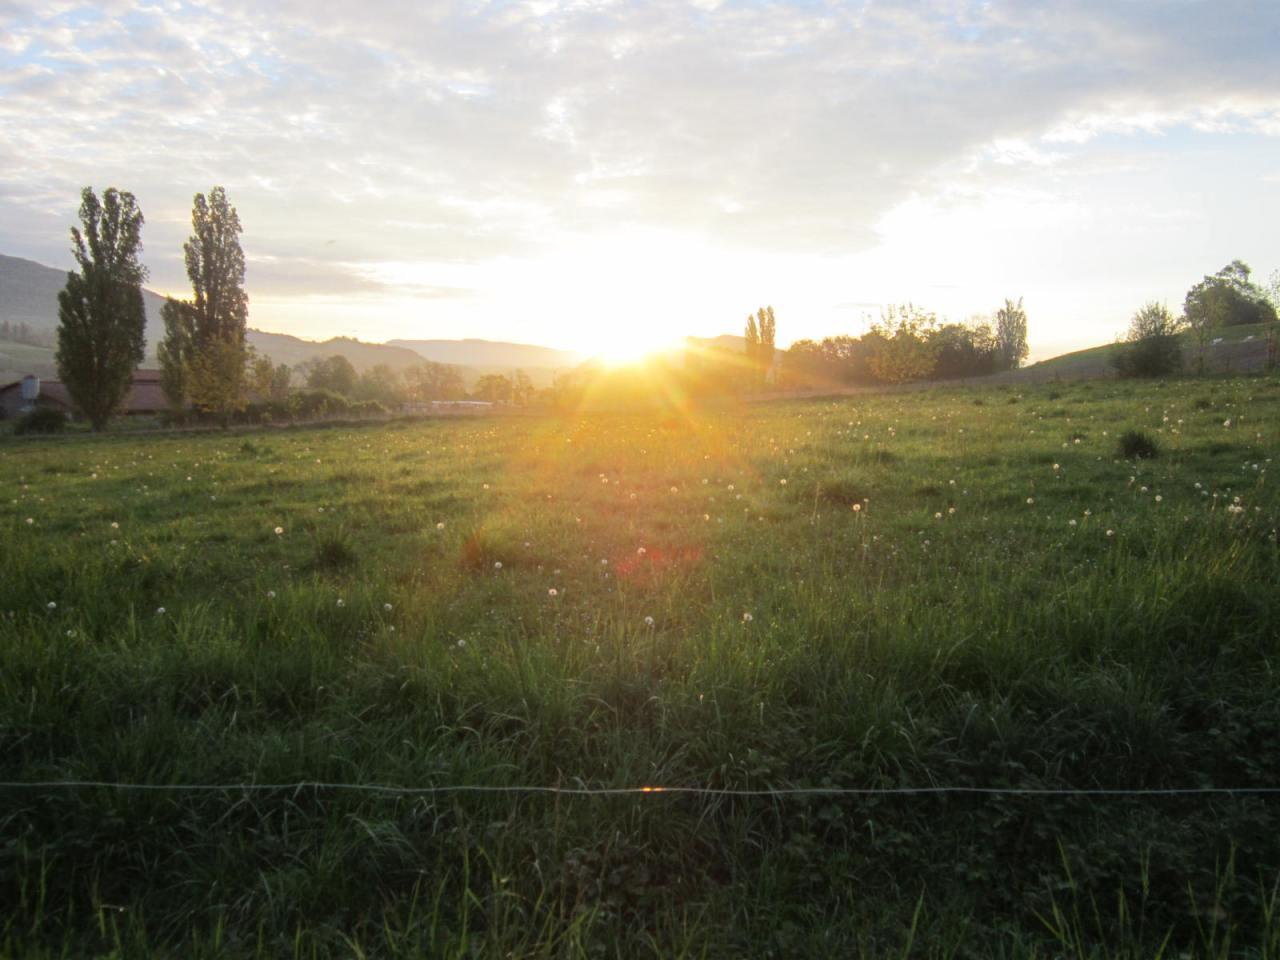 Sunrise on the Geneva Way